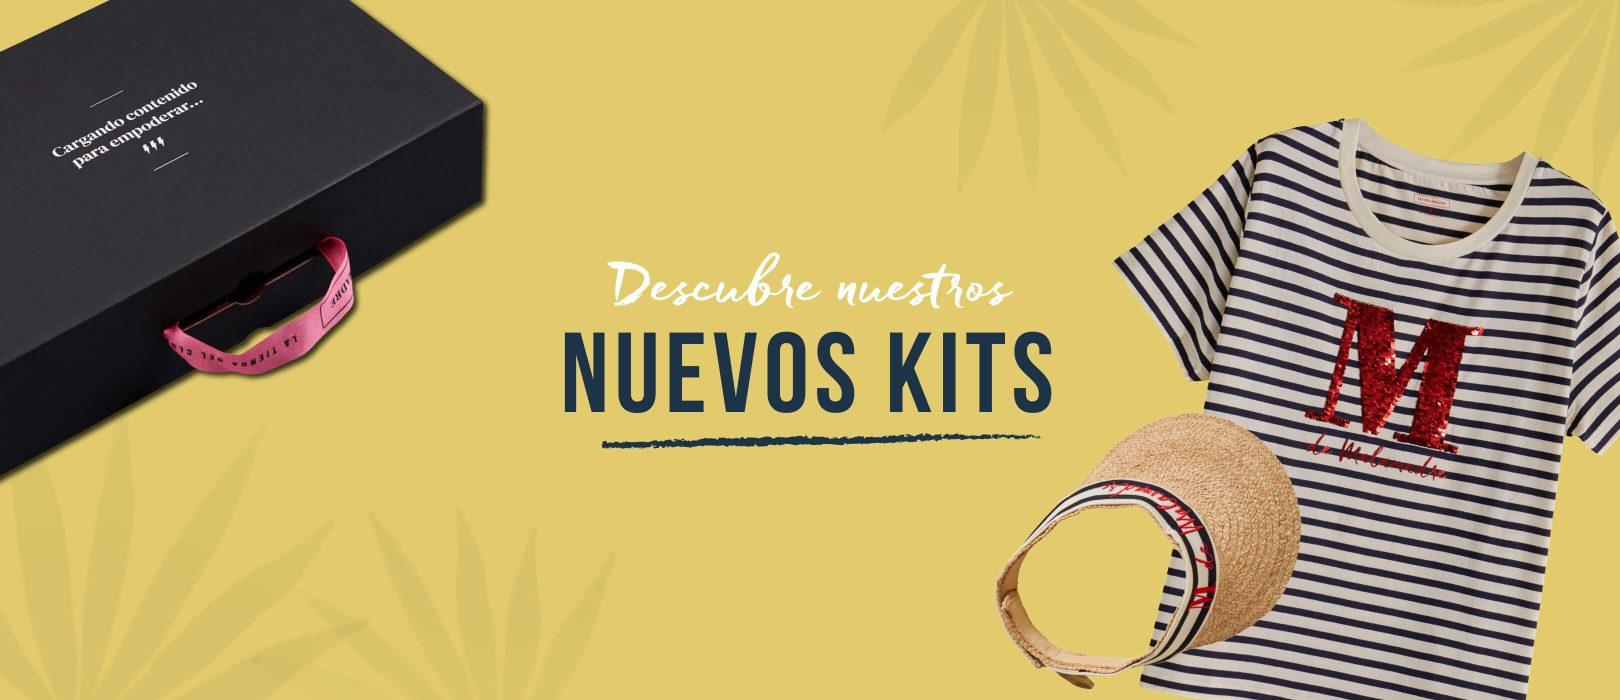 Nuevos kits